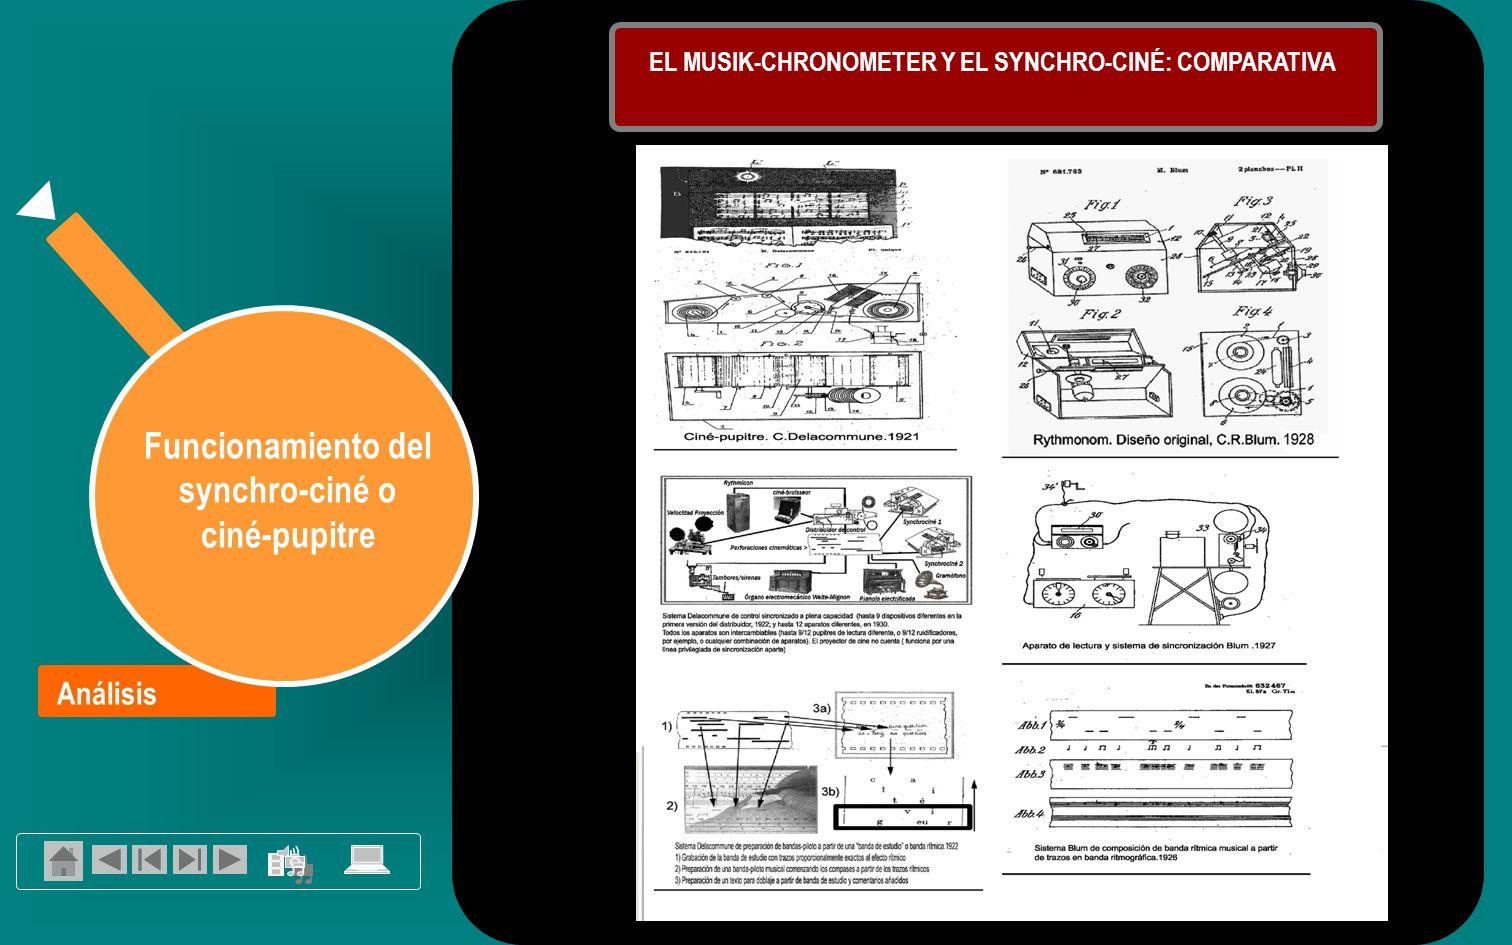 Análisis Funcionamiento del synchro-ciné o ciné-pupitre EL MUSIK-CHRONOMETER Y EL SYNCHRO-CINÉ: COMPARATIVA